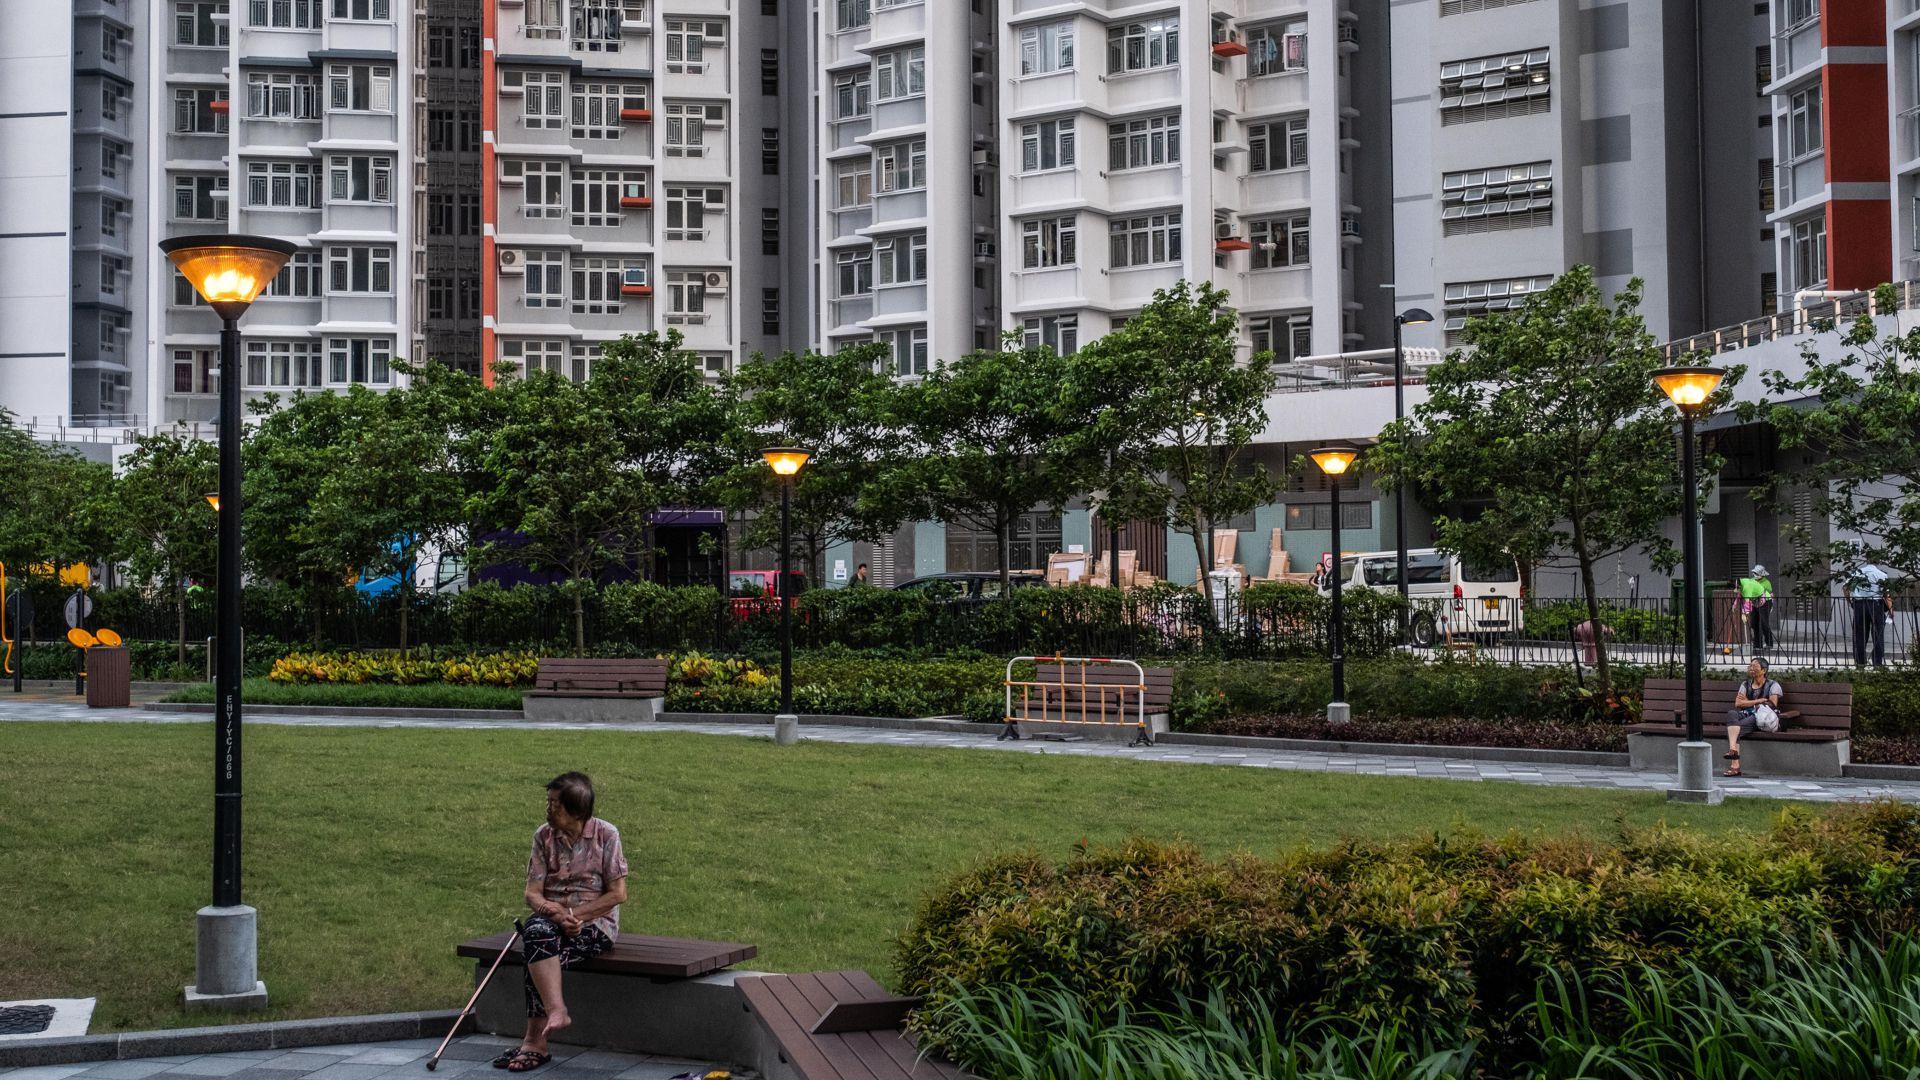 Un desarrollo de vivienda asequible operado por el gobierno en el distrito Cheung Sha Wan de Hong Kong. Críticos del gobierno de la ciudad dicen que los funcionarios desean ya no construir más. (Lam Yik Fei para The New York Times)